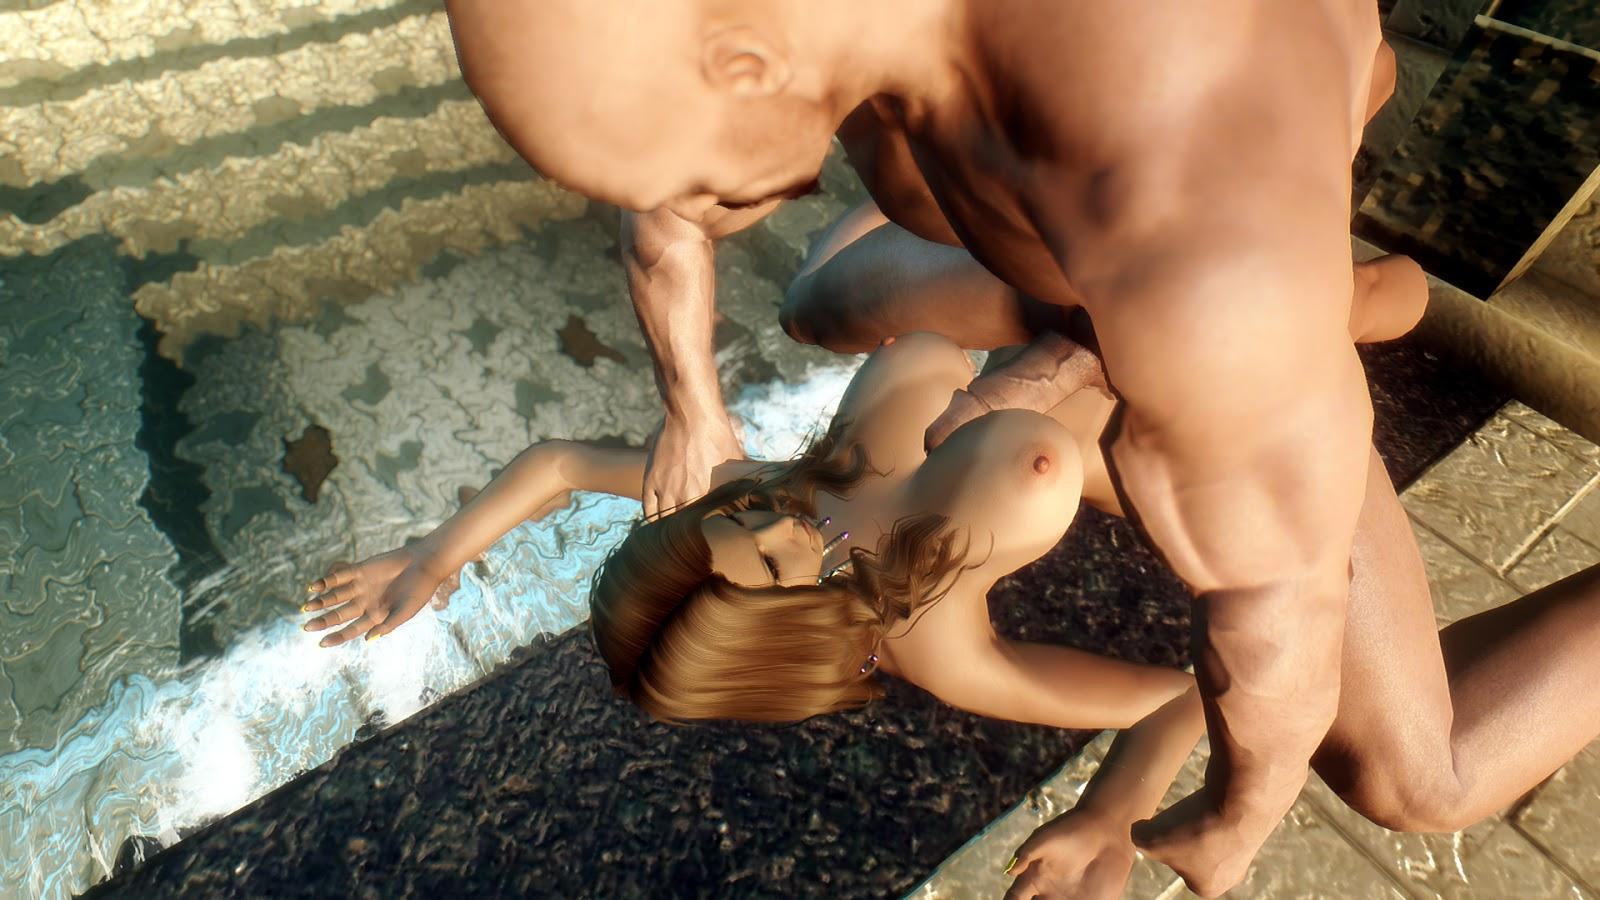 Skyrim sex scene naked image